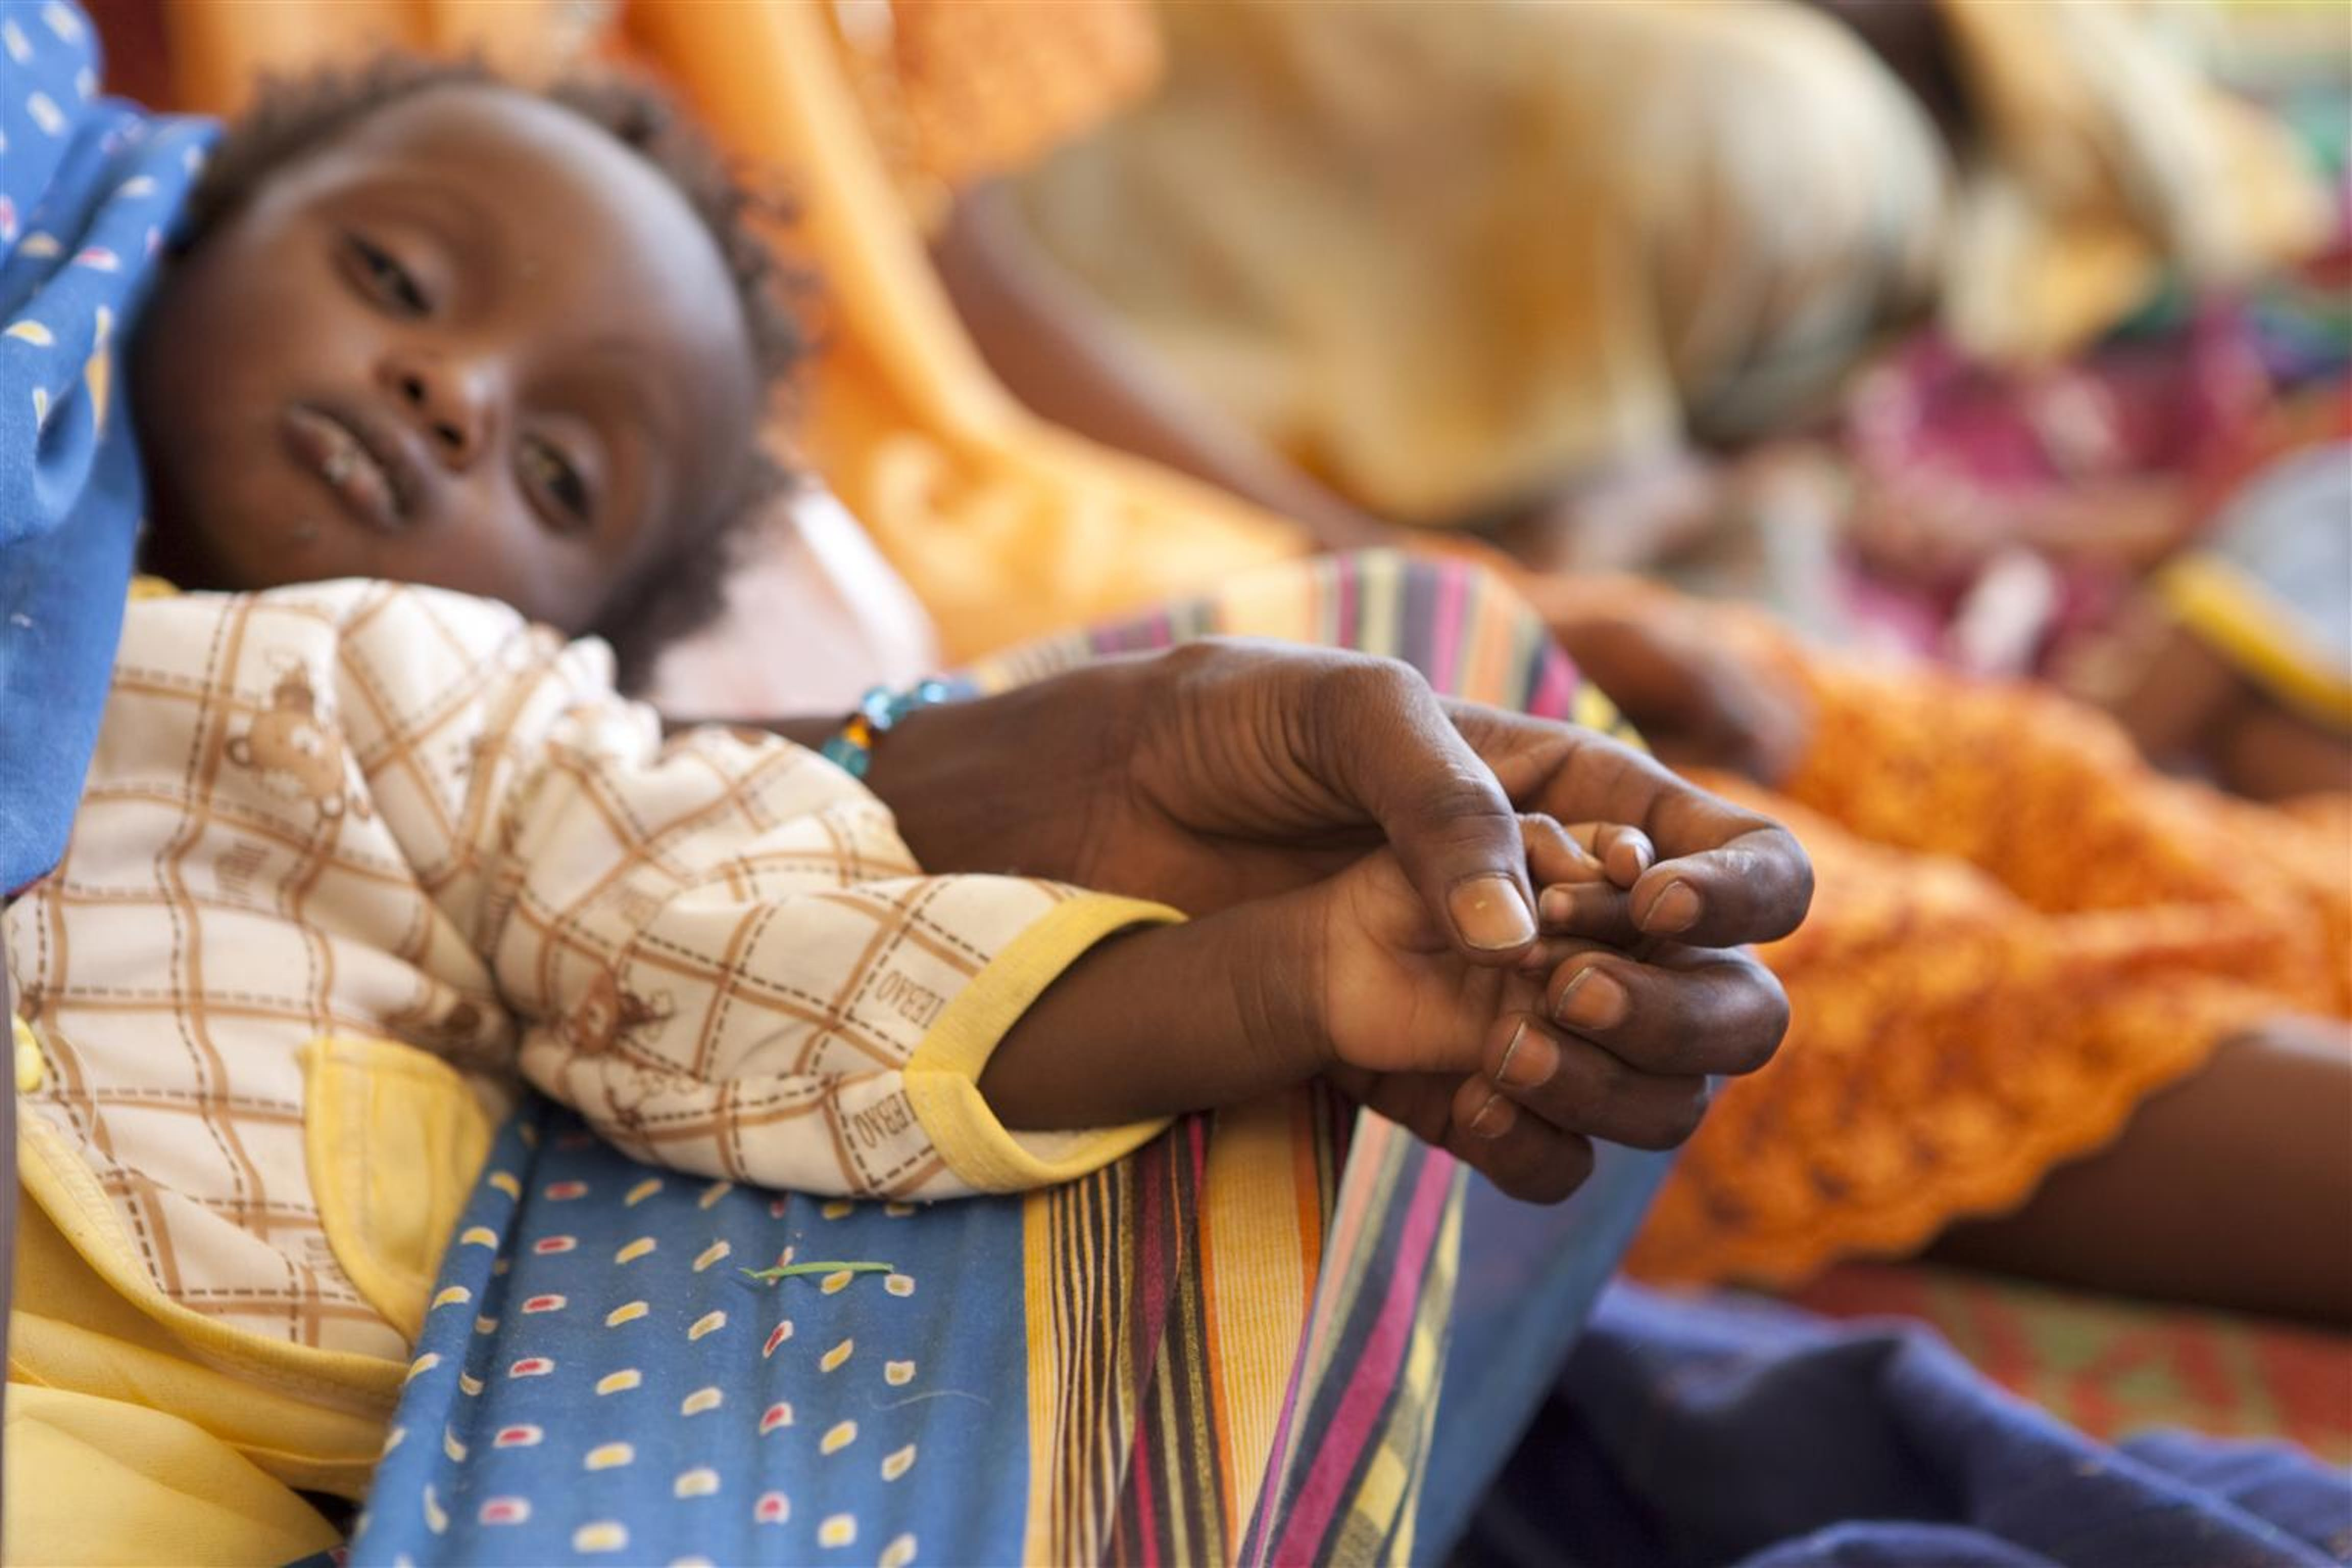 Un bambino in cura per un grave stato di denutrizione in un Centro nutrizionale terapeutico dell'UNICEF a Mao (Ciad) - ©UNICEF/NYHQ2011-2173/P.Esteve